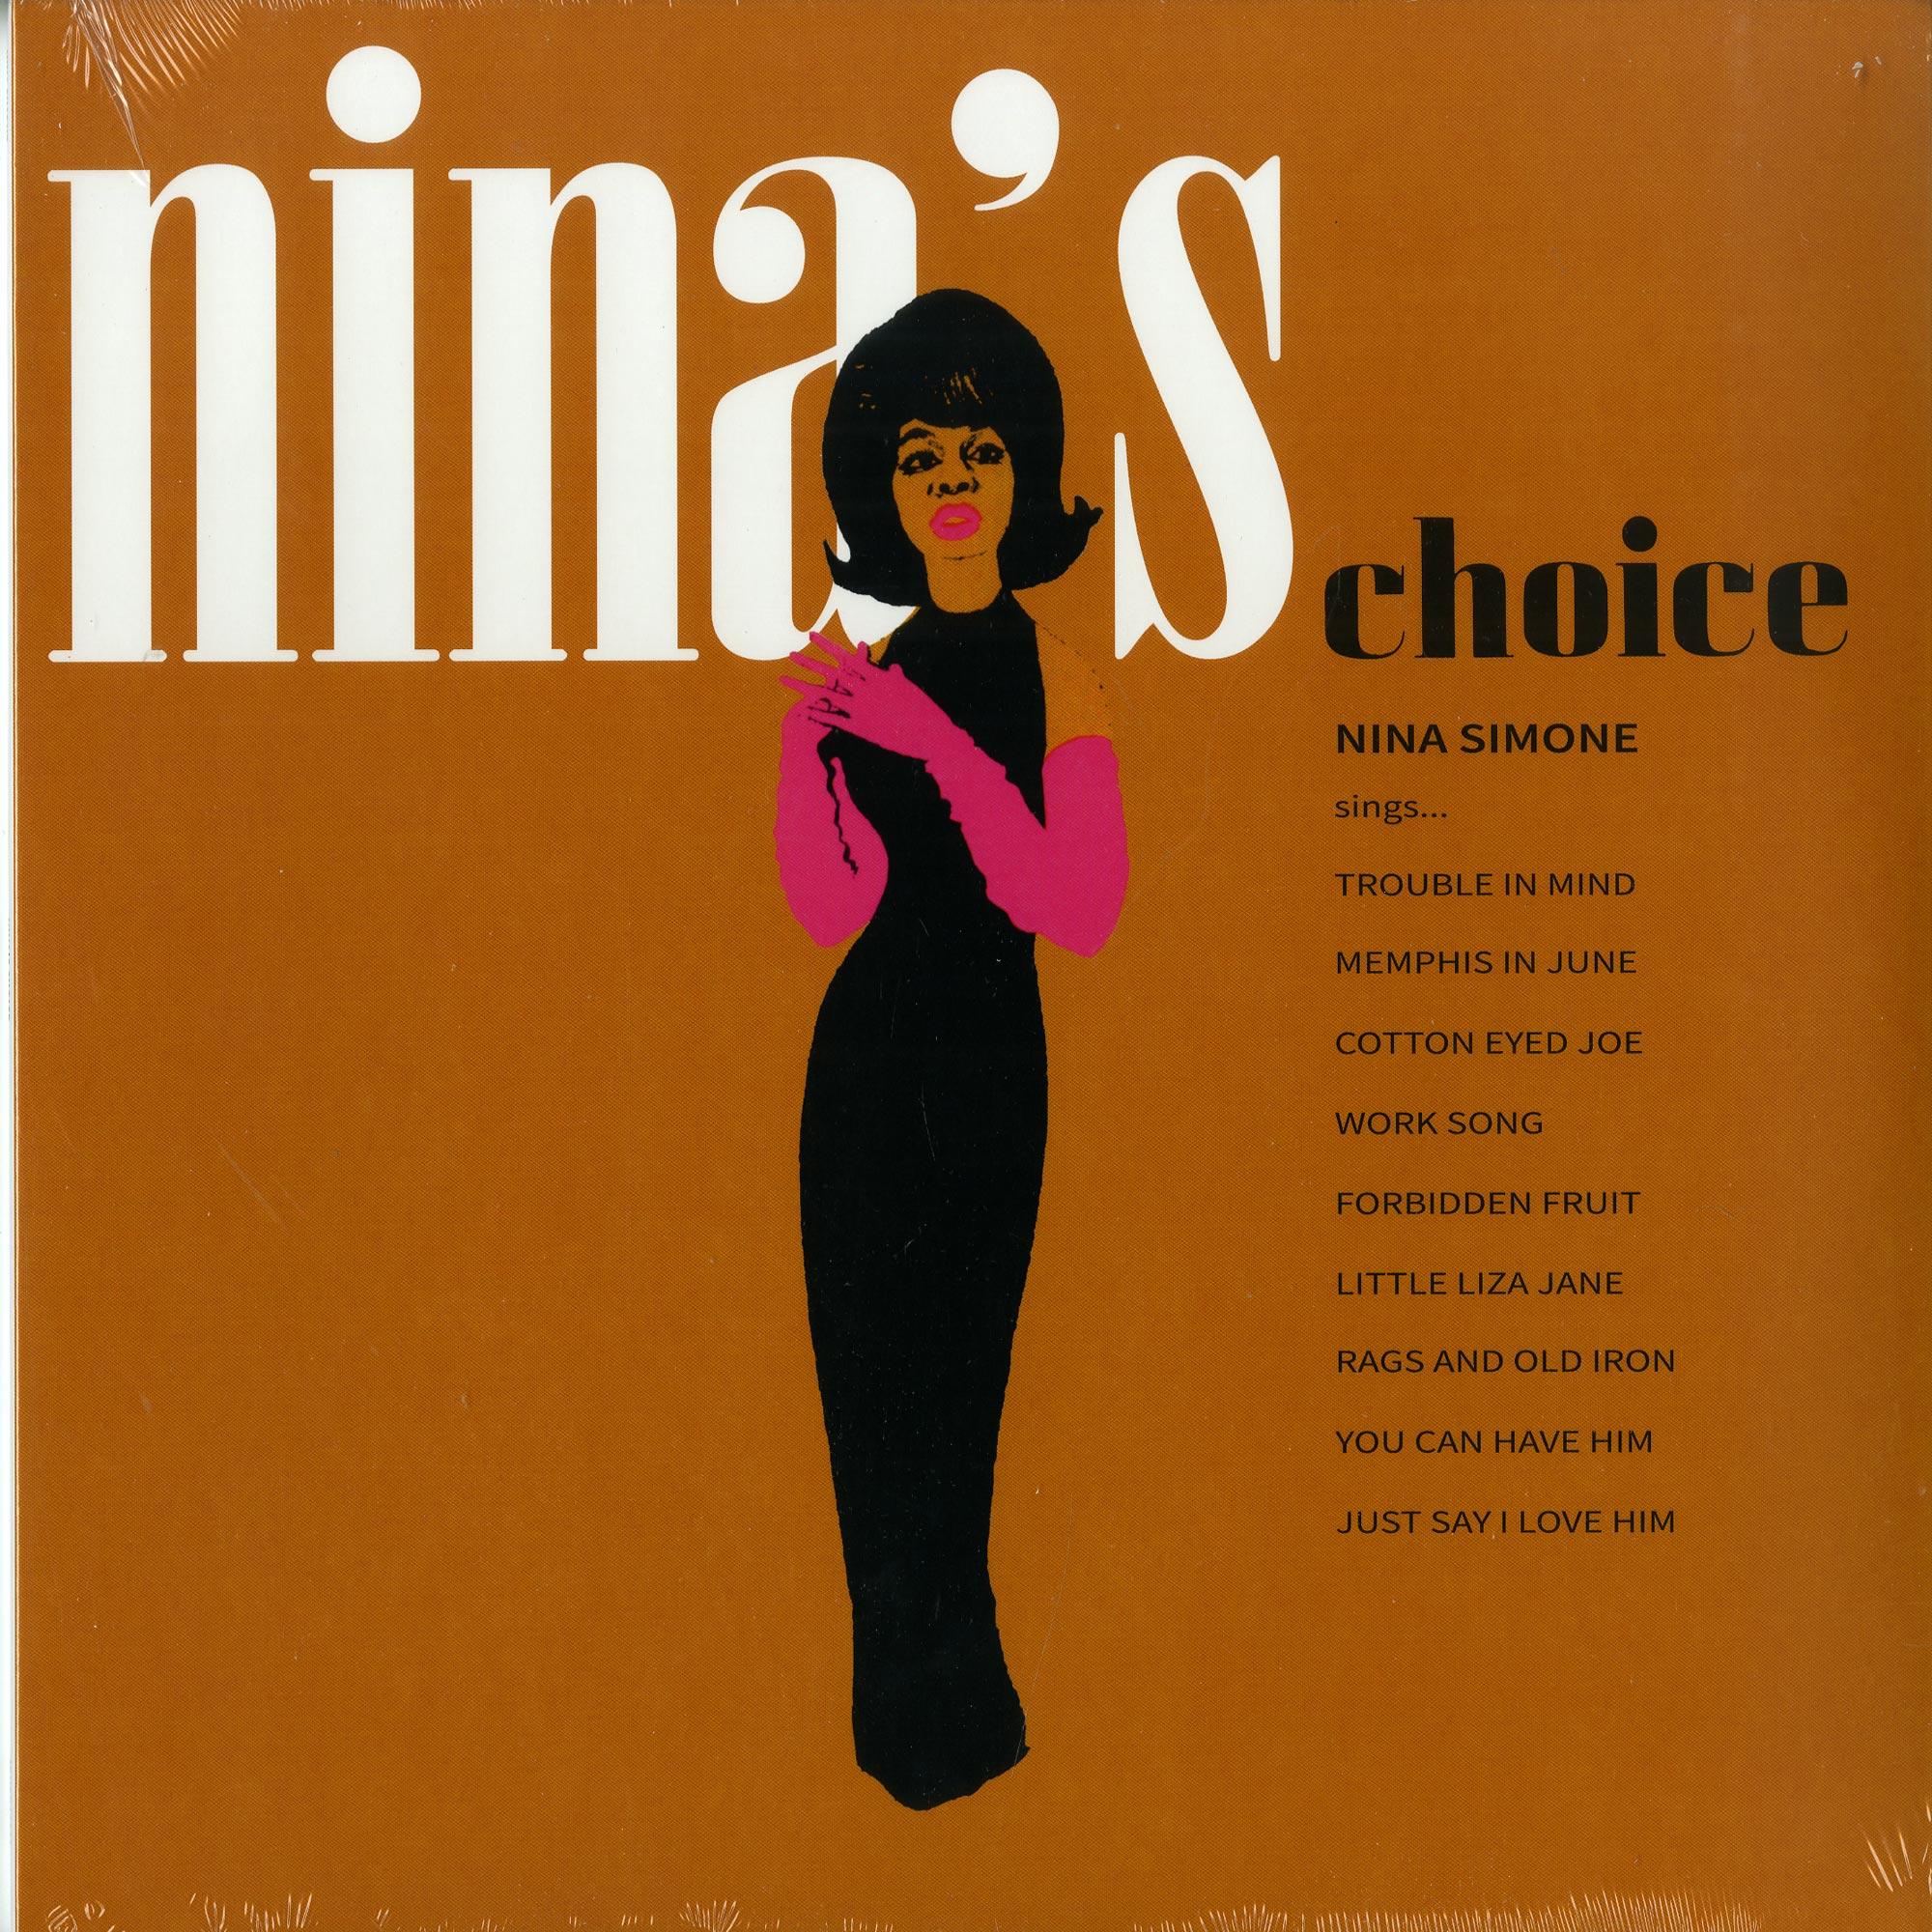 Nina Simone - NINAS CHOICE